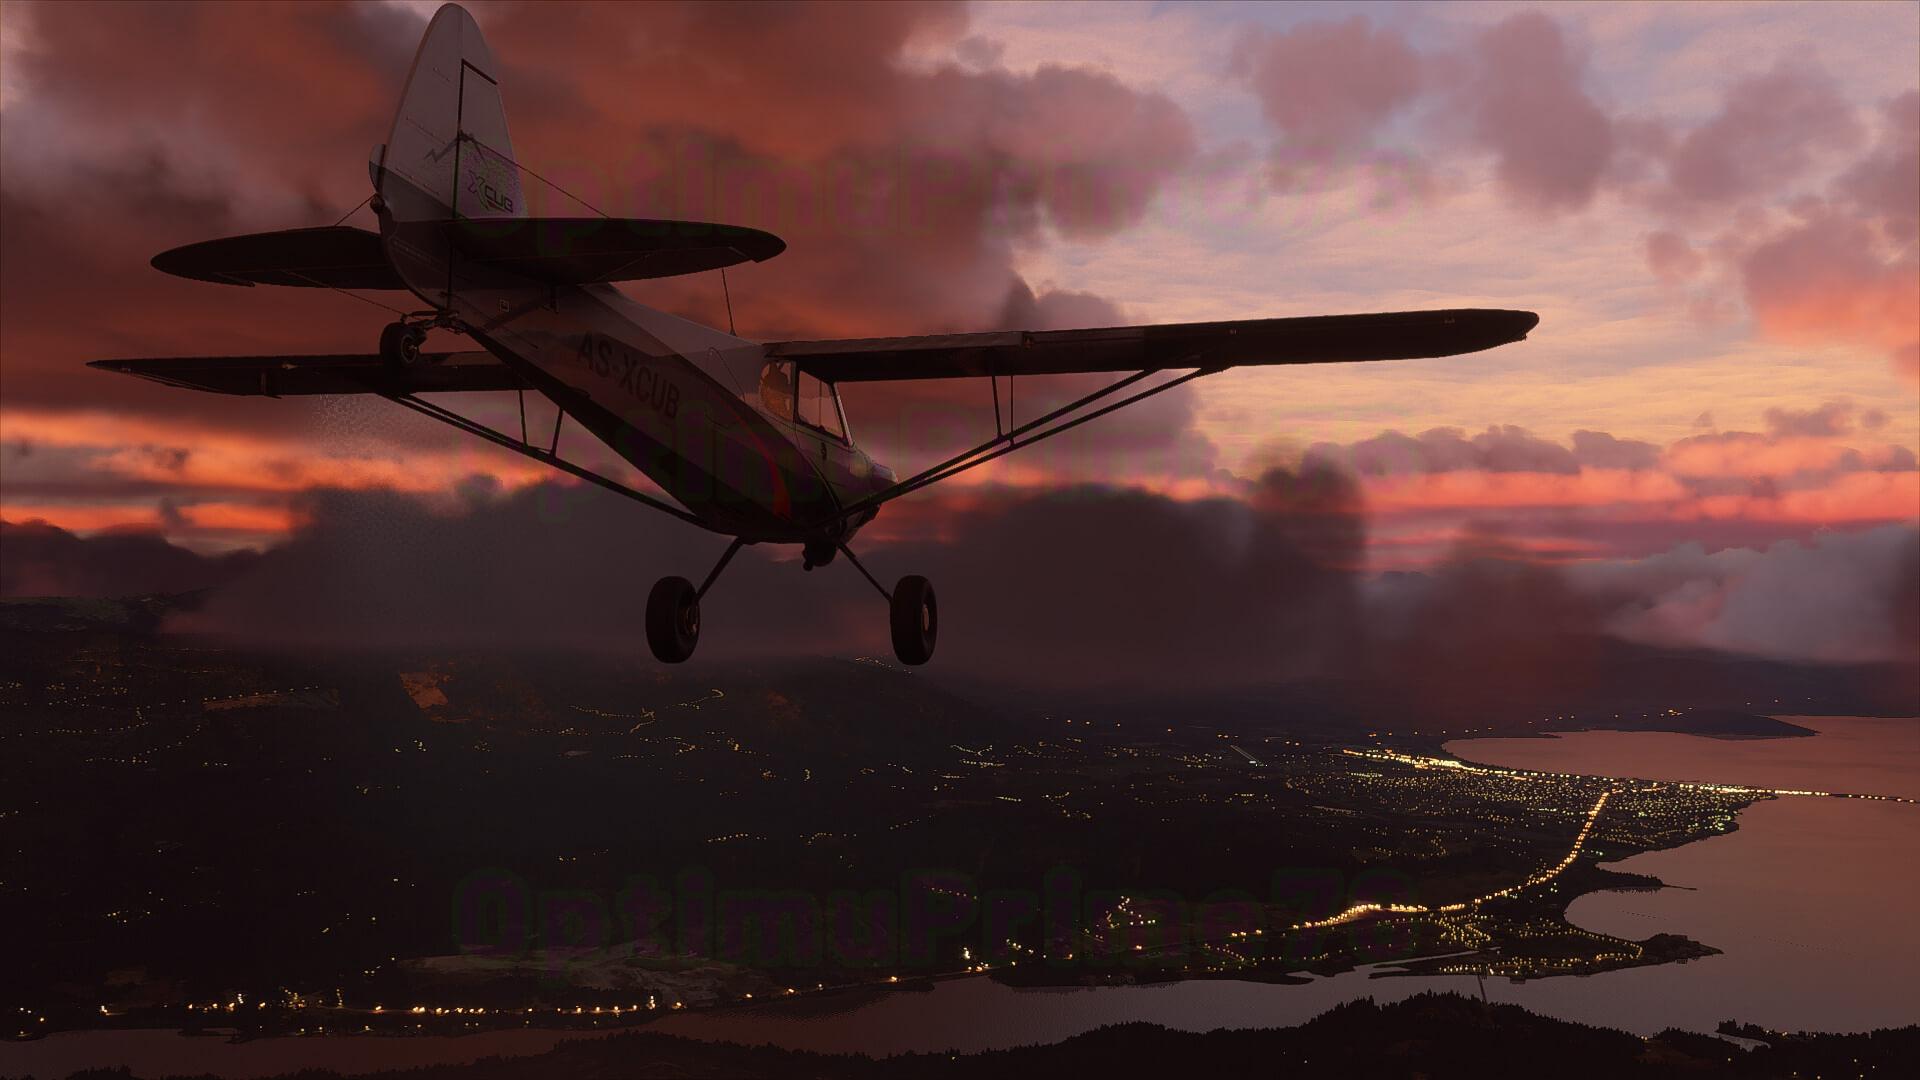 《微软飞行模拟》新截图 视觉效果惊人次世代感十足